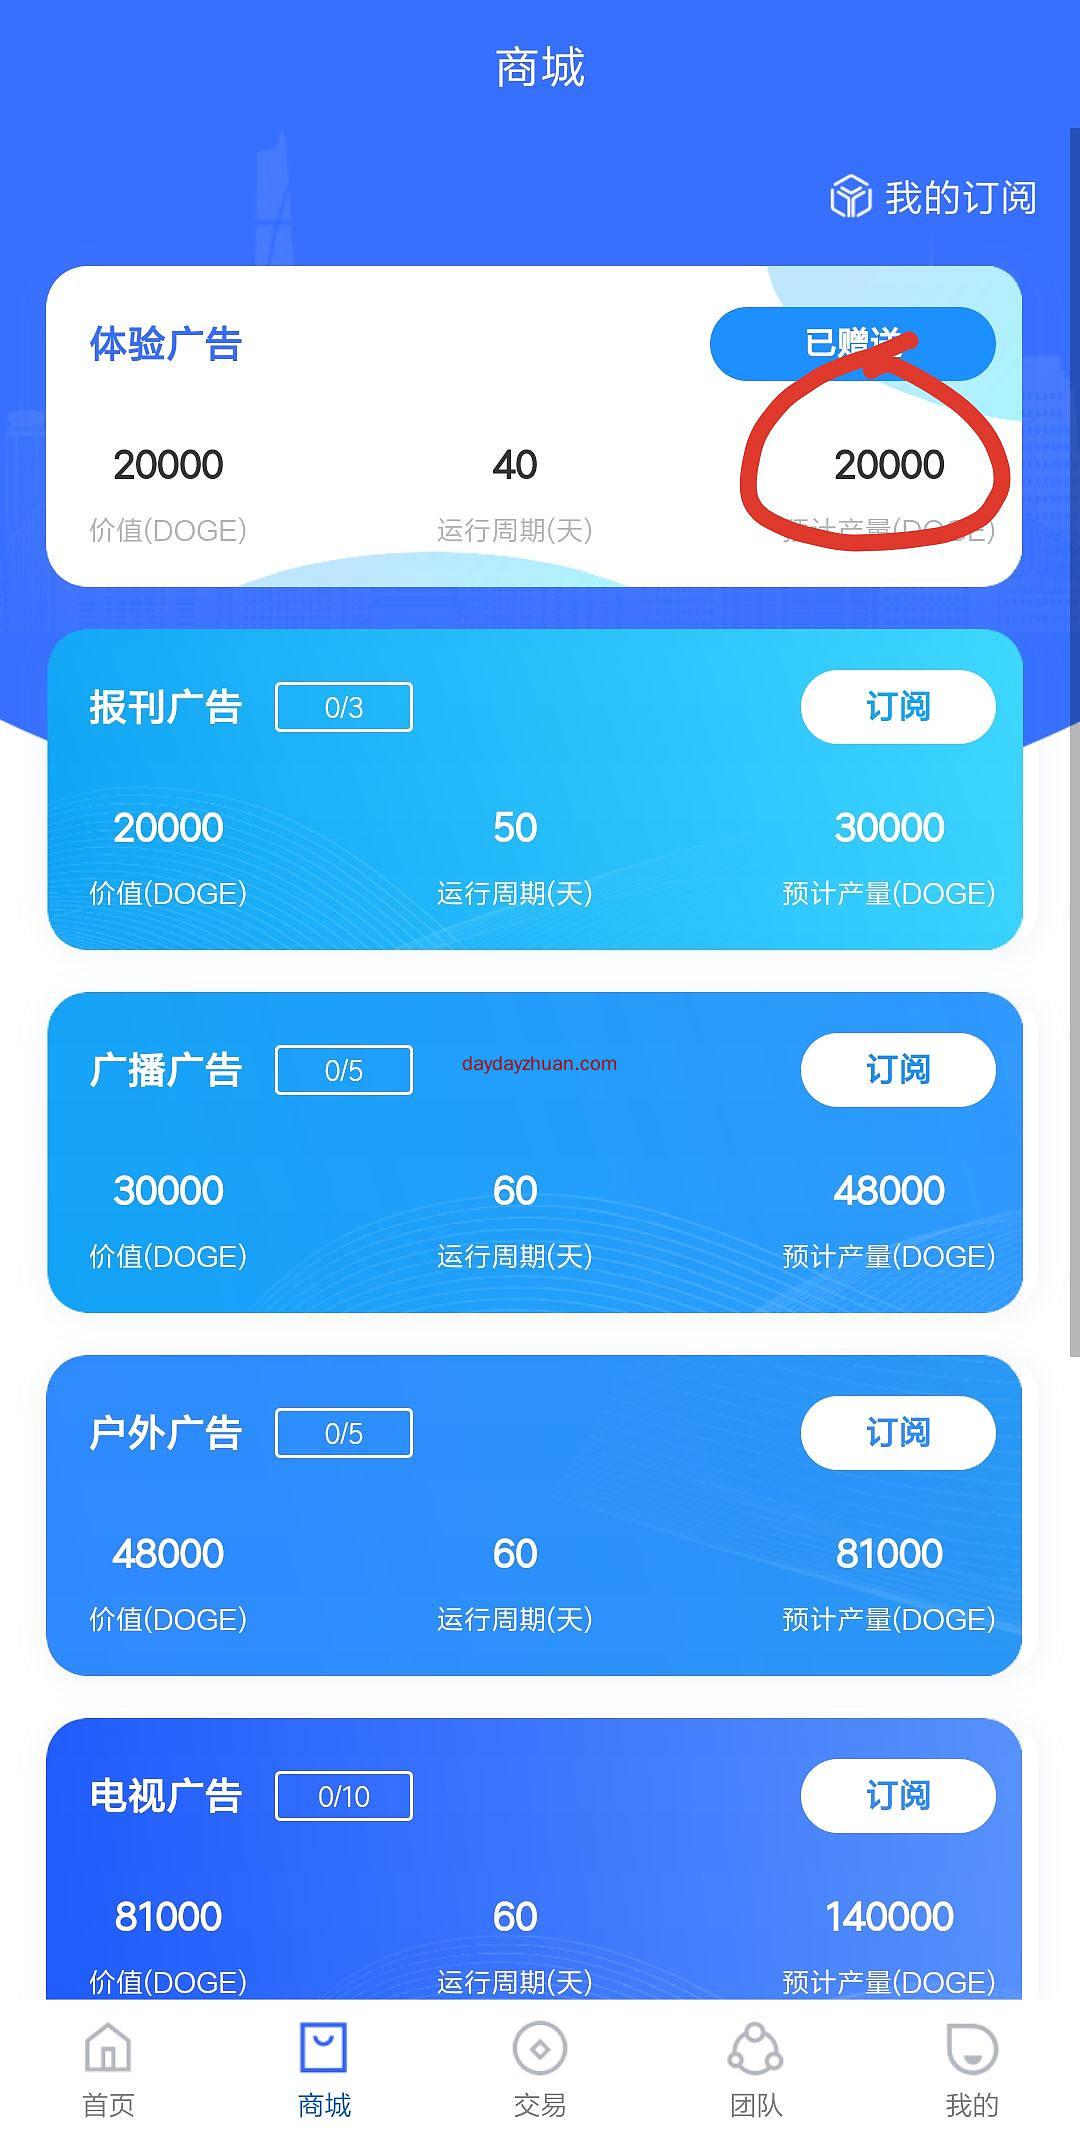 广告汪:实名送20000币矿机,零撸360元,交易无限制,手续费只有5%